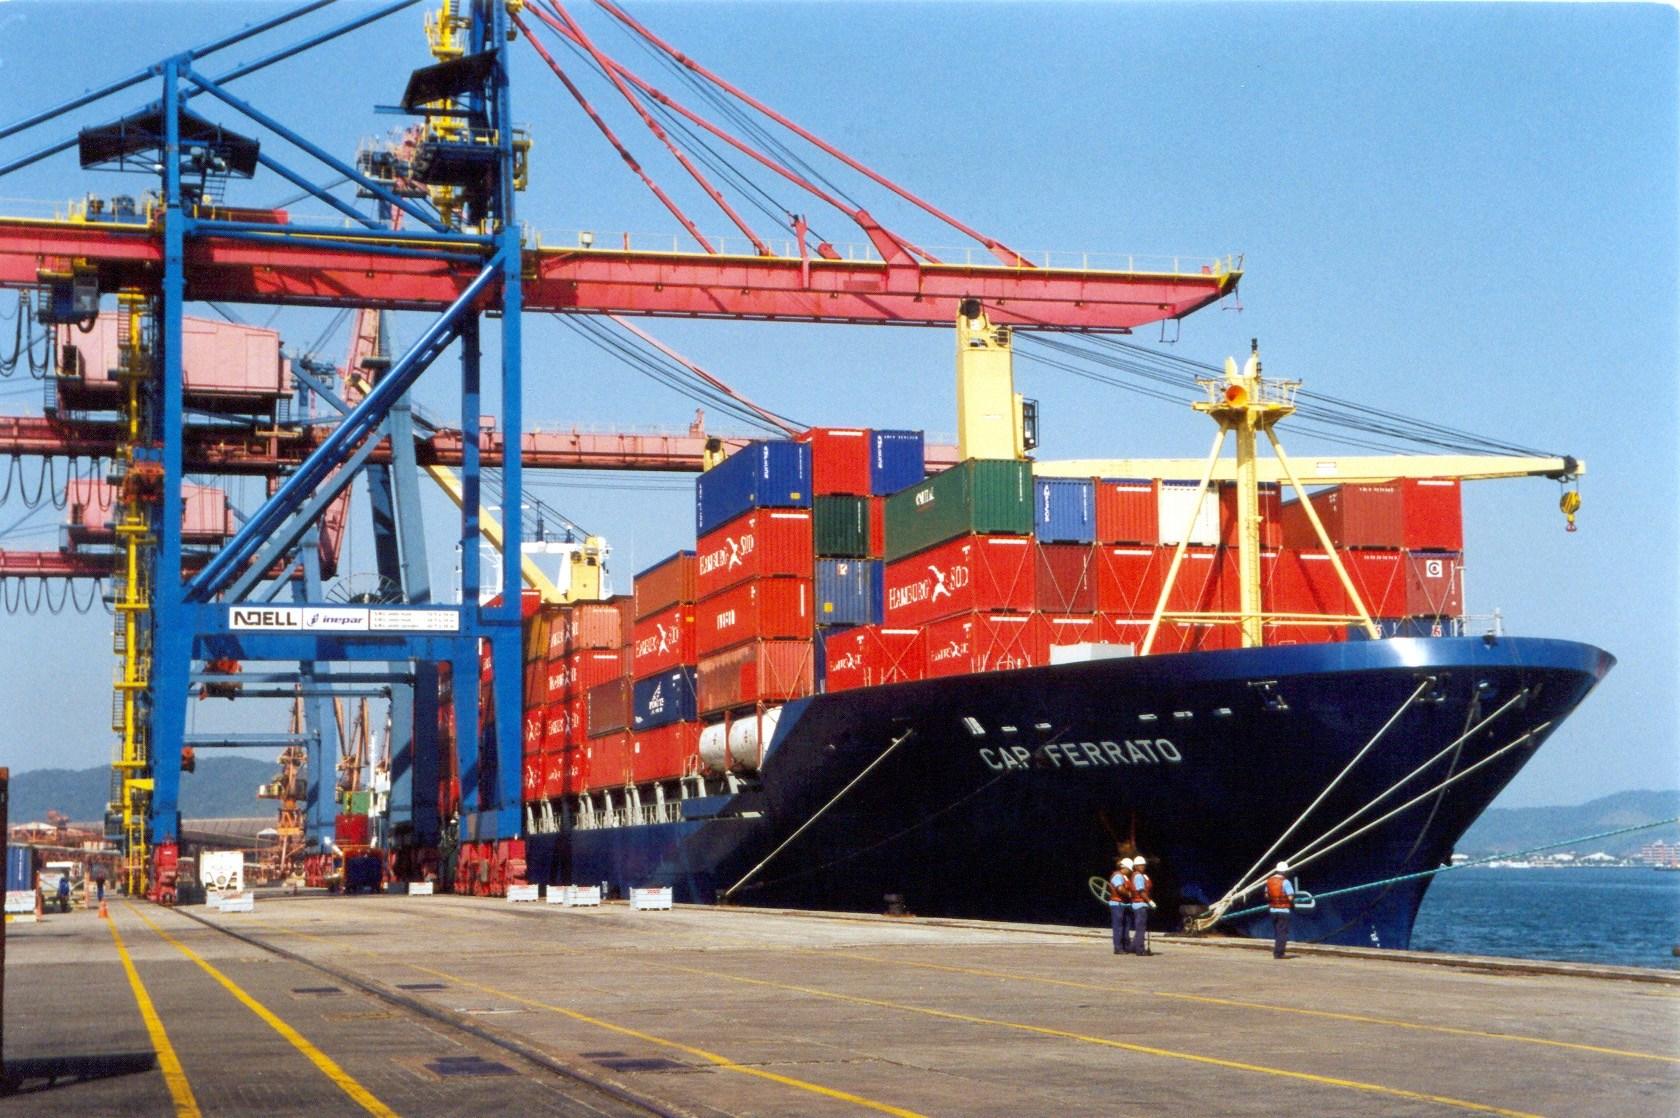 Tentando equilíbrio, infraestrutura ajusta pacote para ampliação ...